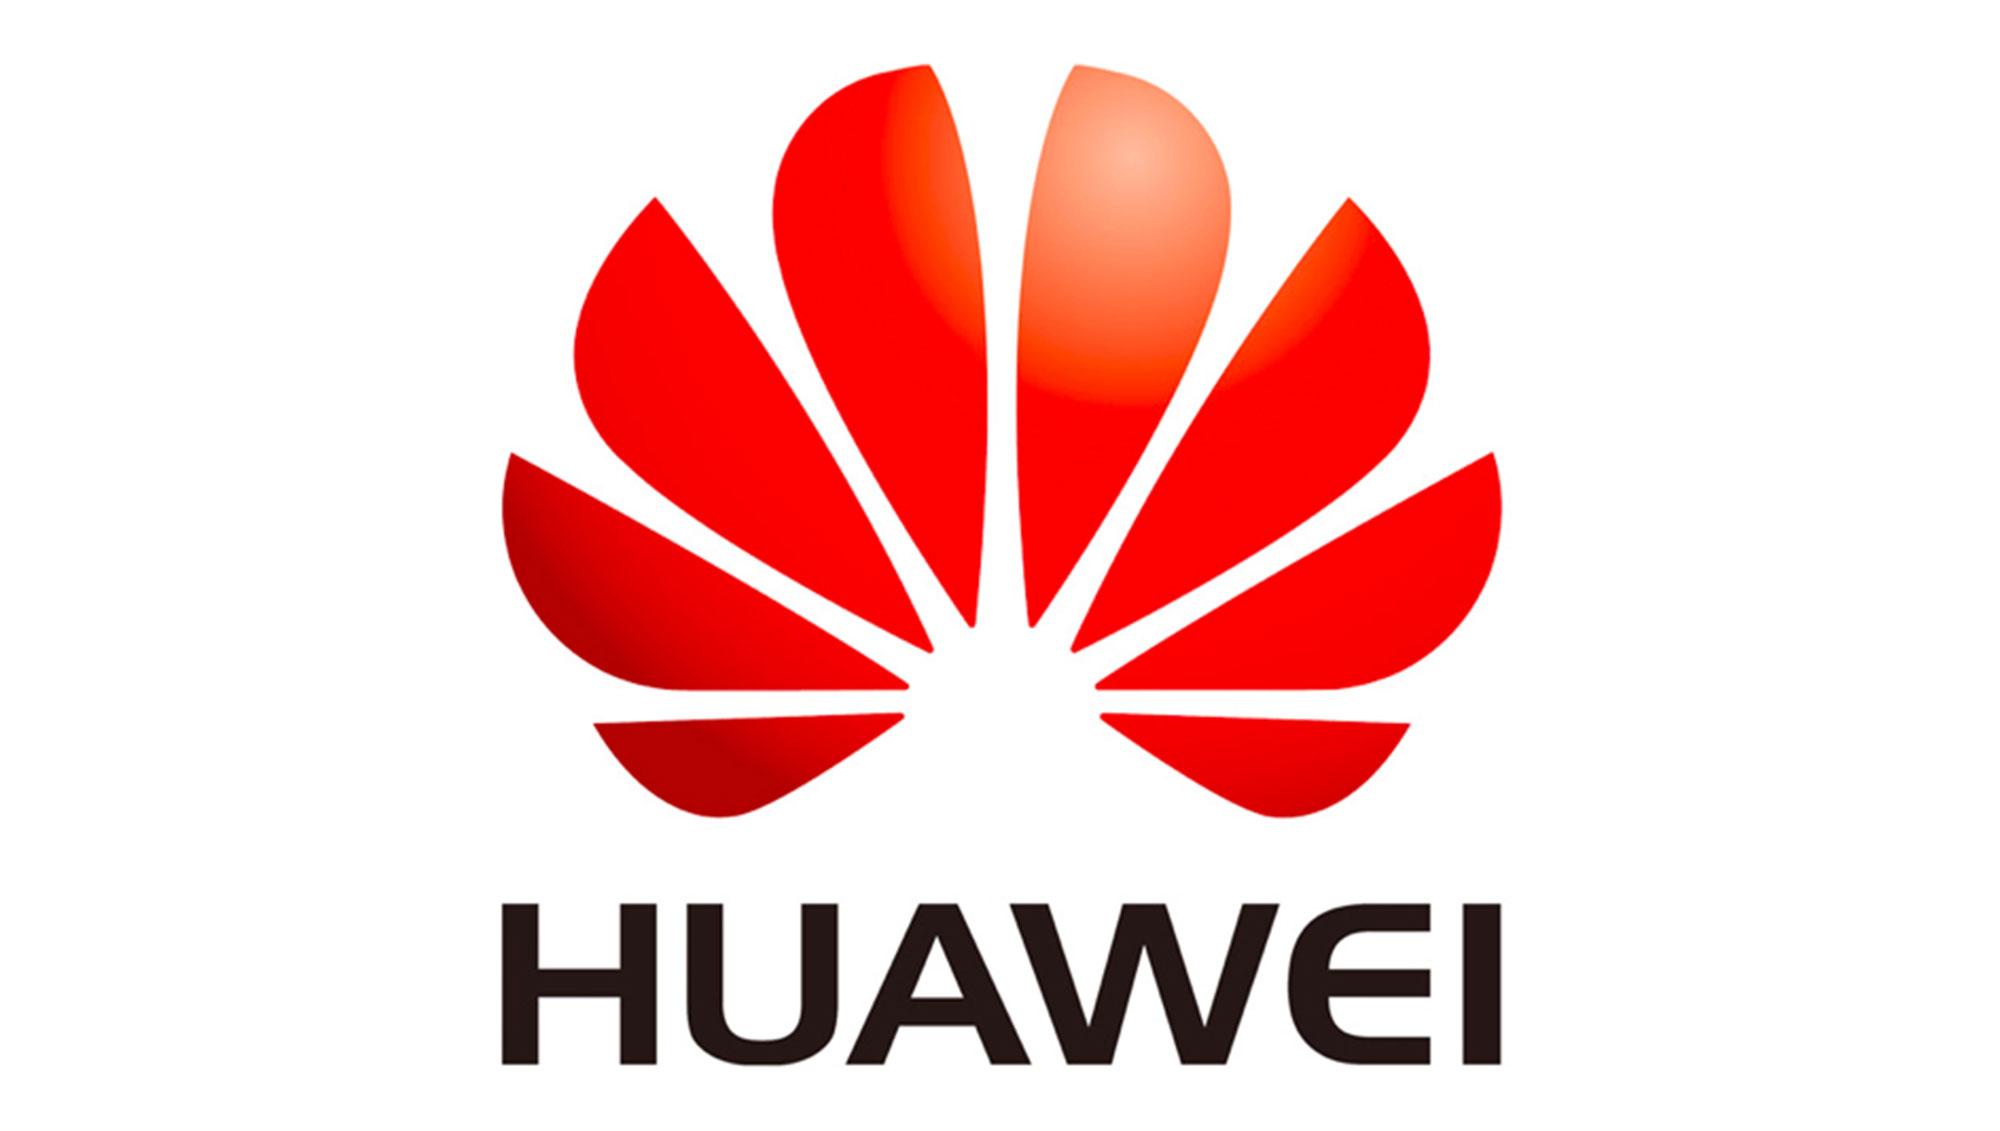 华为或对外提供 5G 基频芯片,但仅限对苹果开放